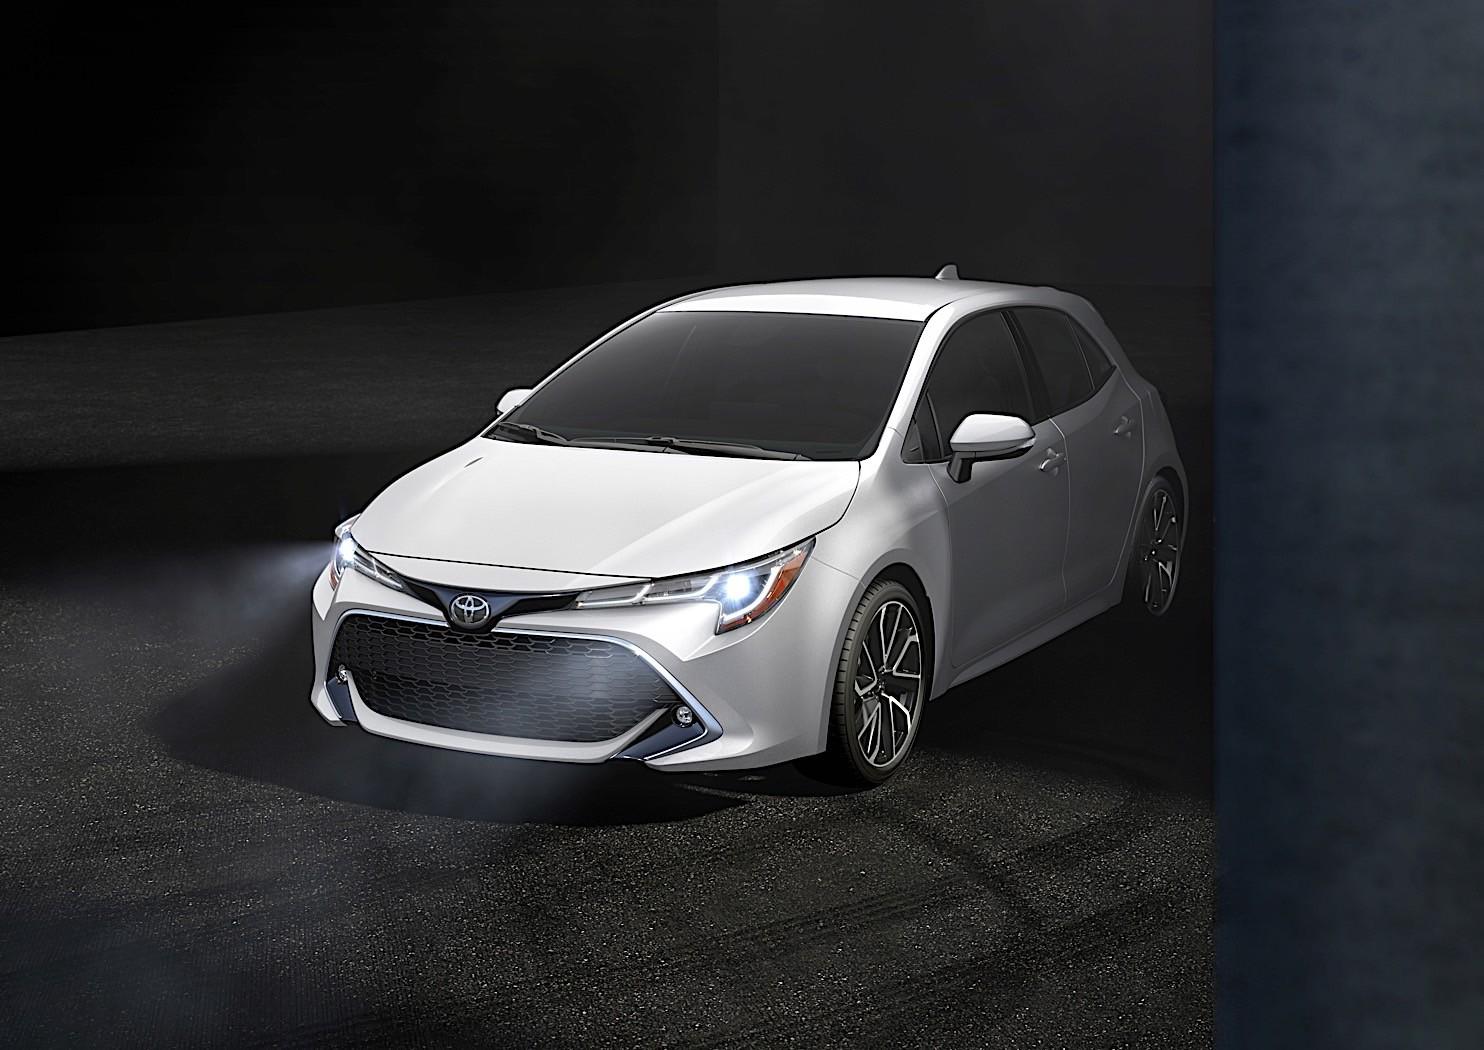 Novo Toyota Corolla hatchback